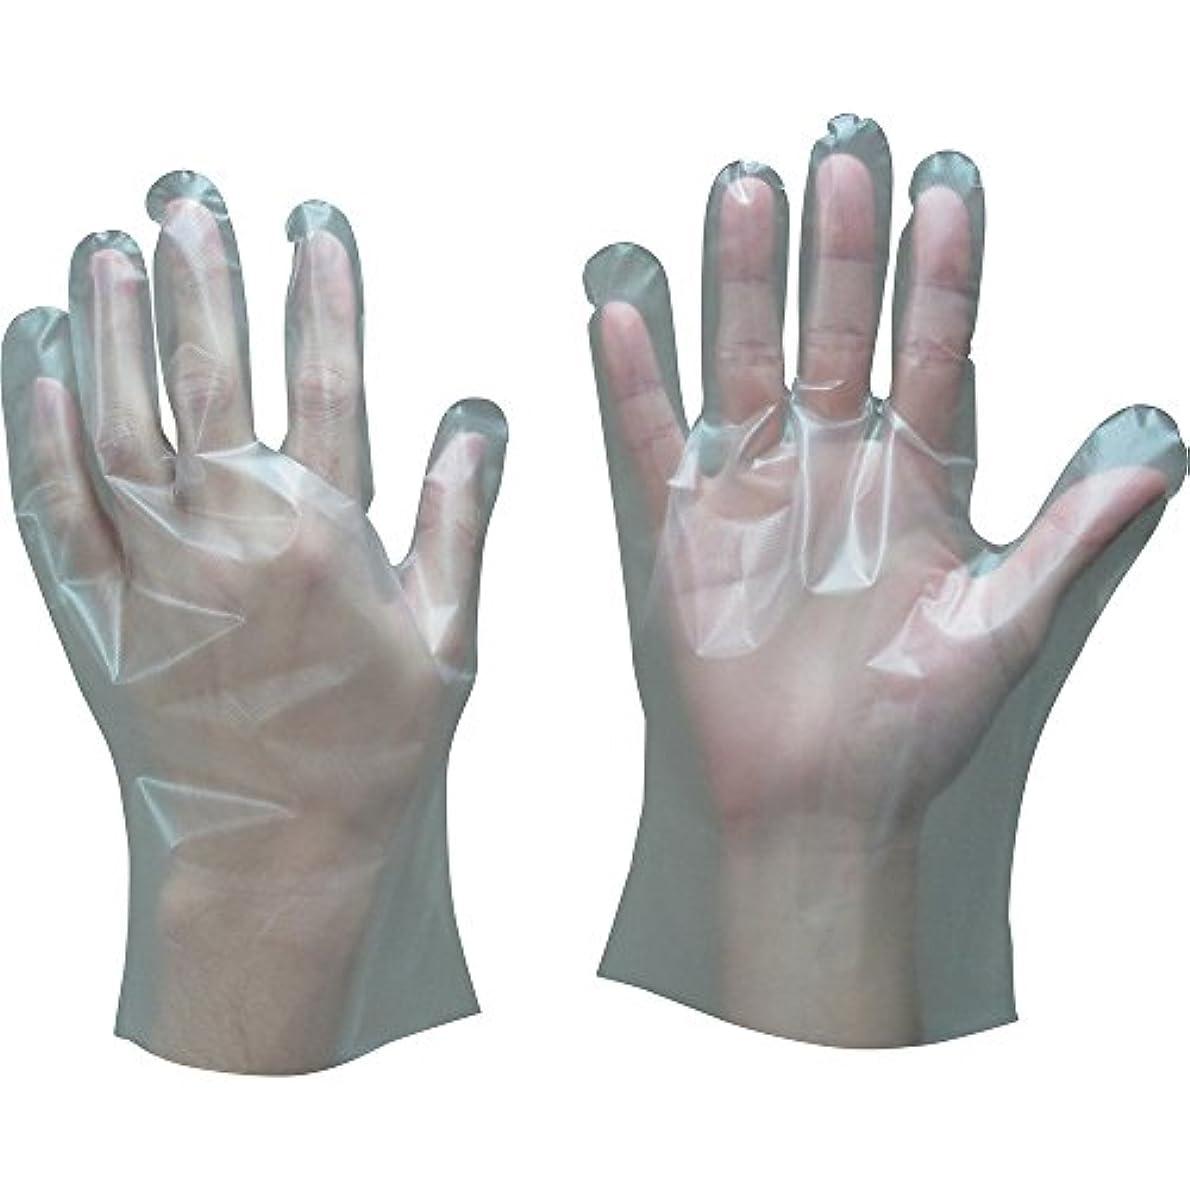 ウィスキー優しさホールド東和コーポレーション ポリエチレン手袋 100枚入